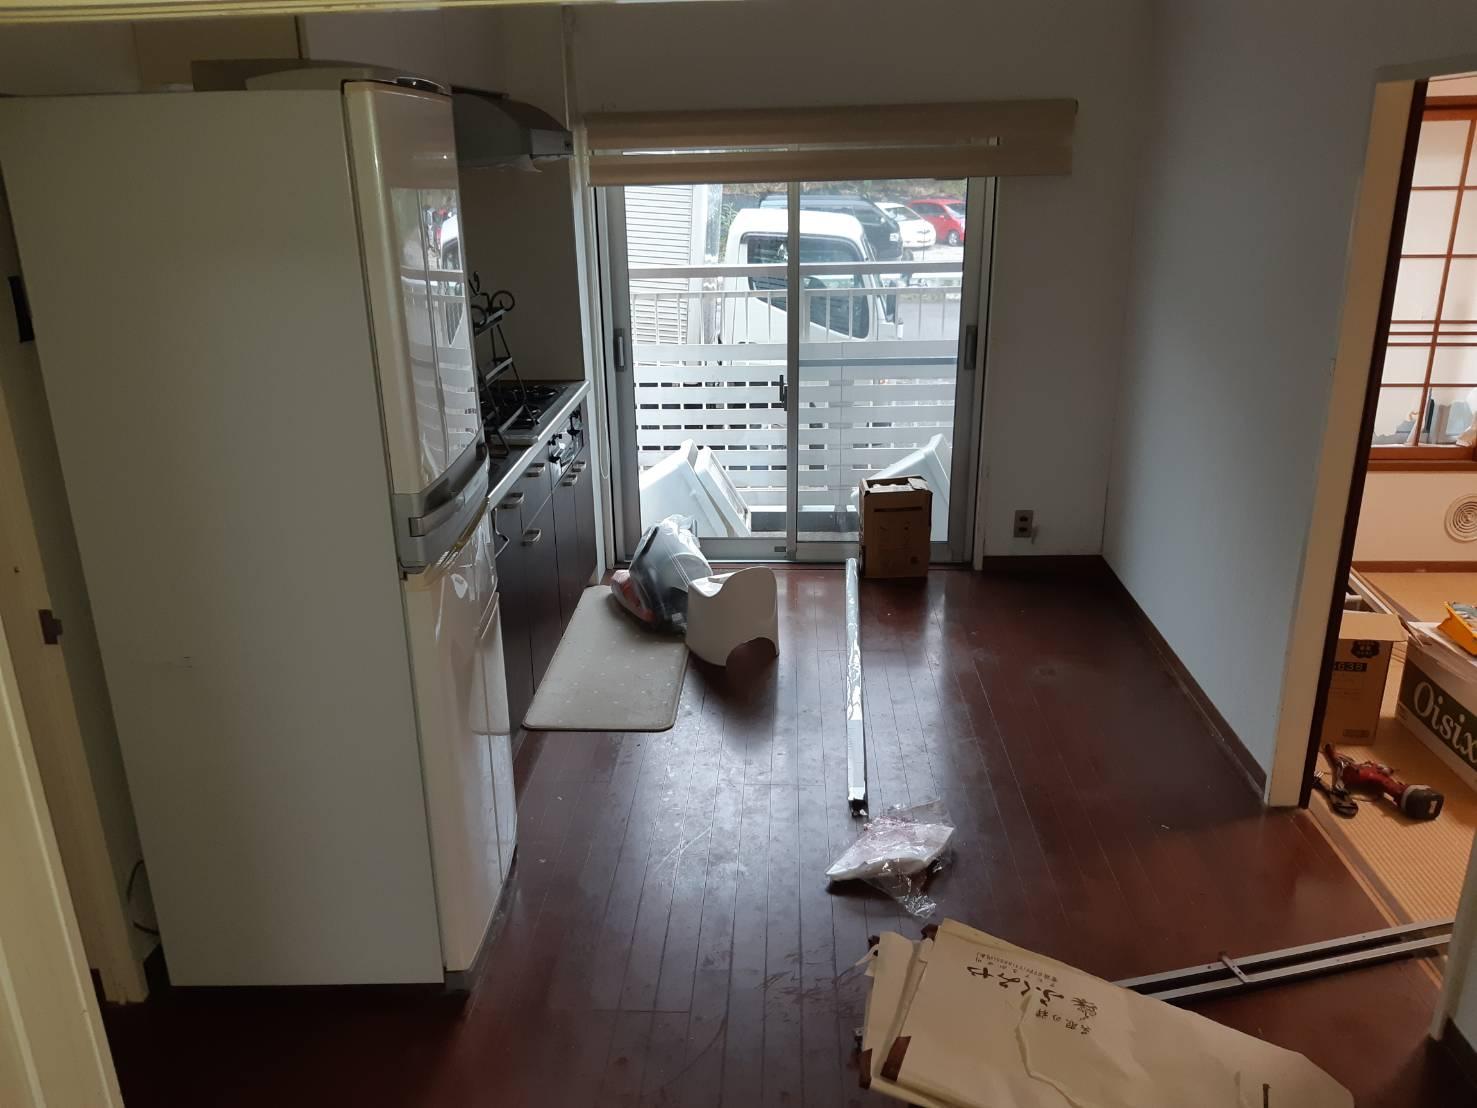 冷蔵庫、小物の回収前